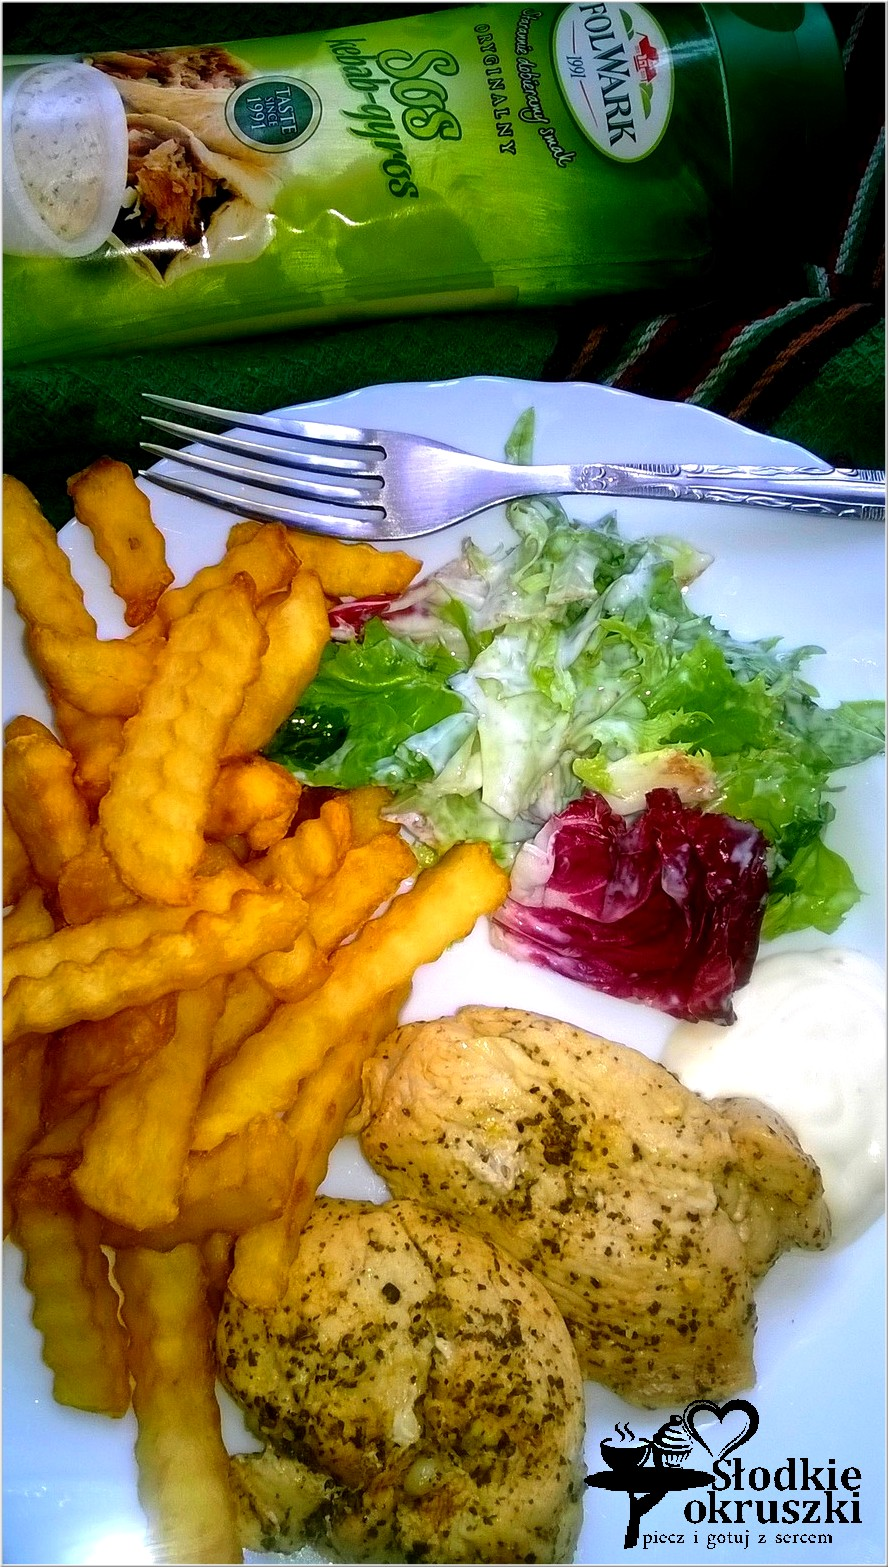 Pierś z kurczaka pieczona w piekarniku w ziołowo-cytrynowej marynacie podana z szybką surówką i sosem kebab-gyros